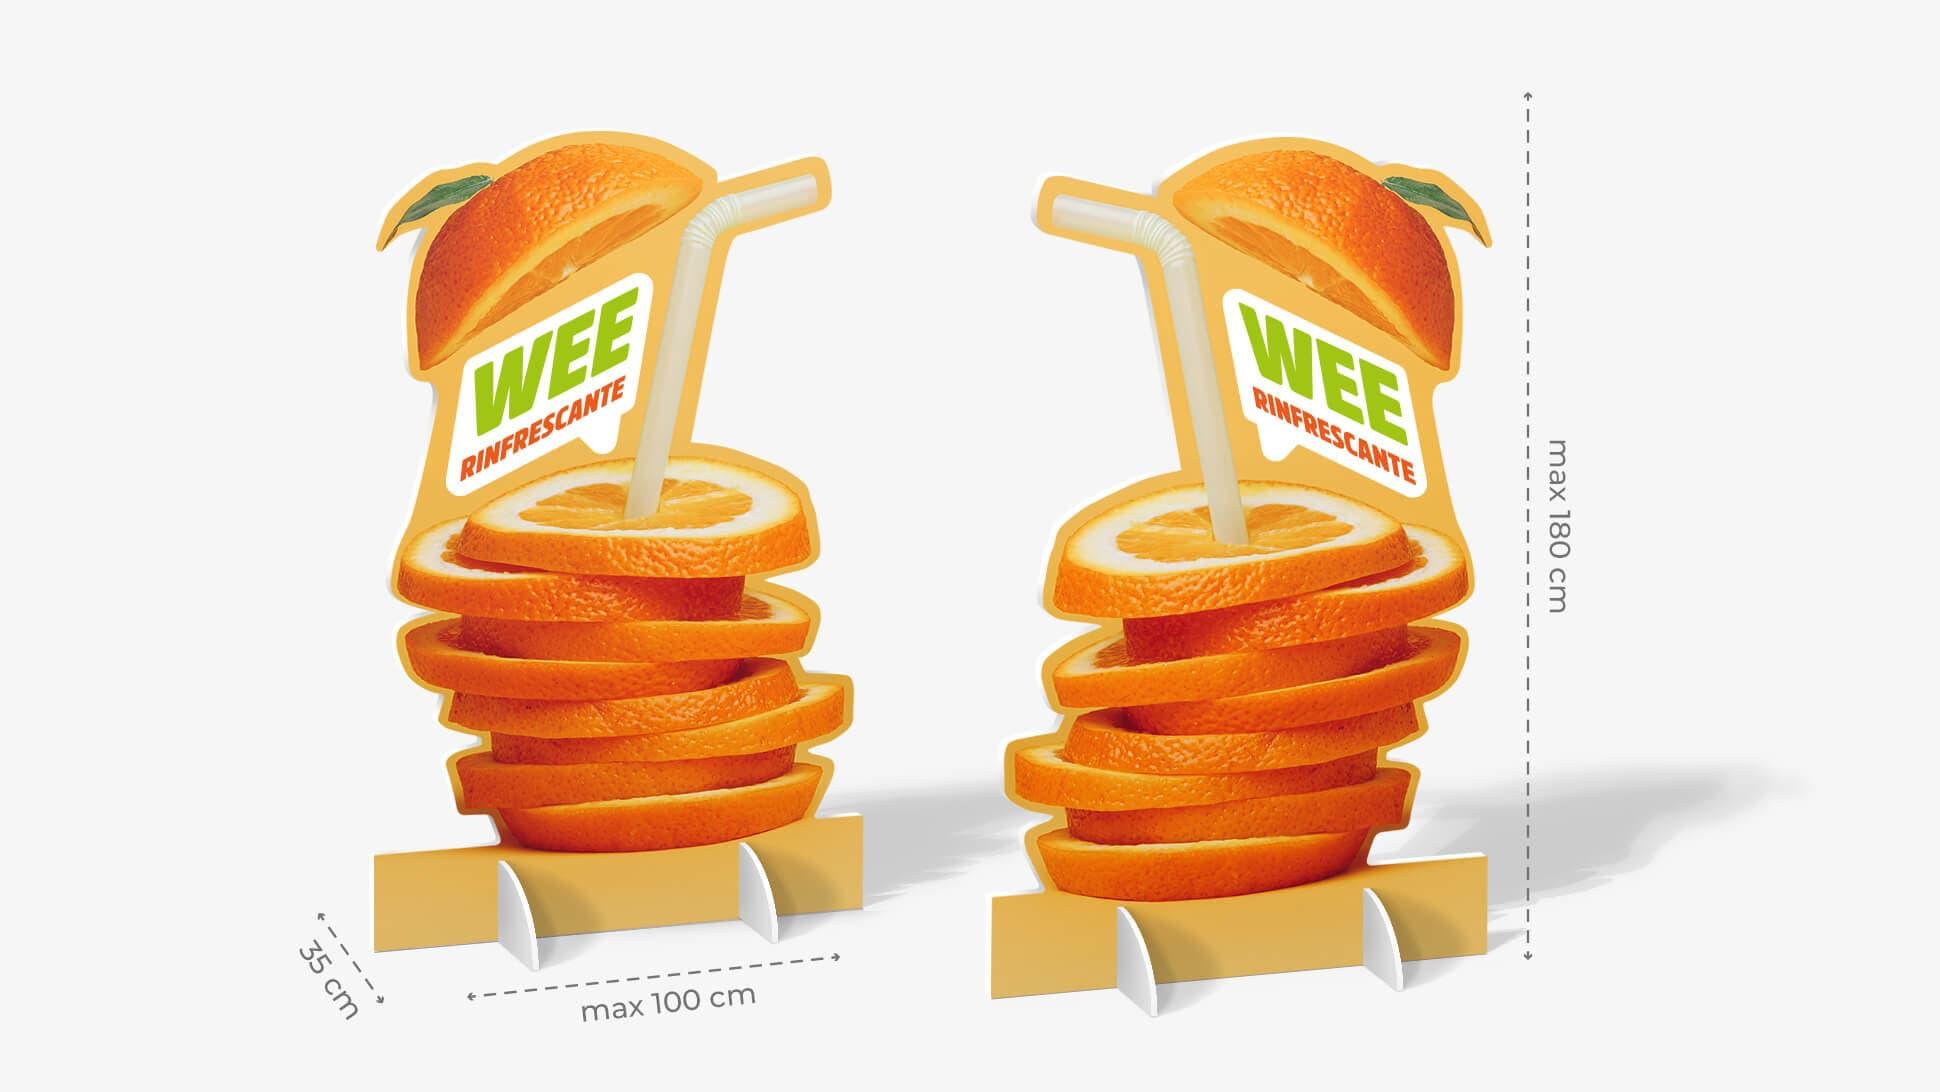 Pannello sagomato – grafica orange juice   tictac.it